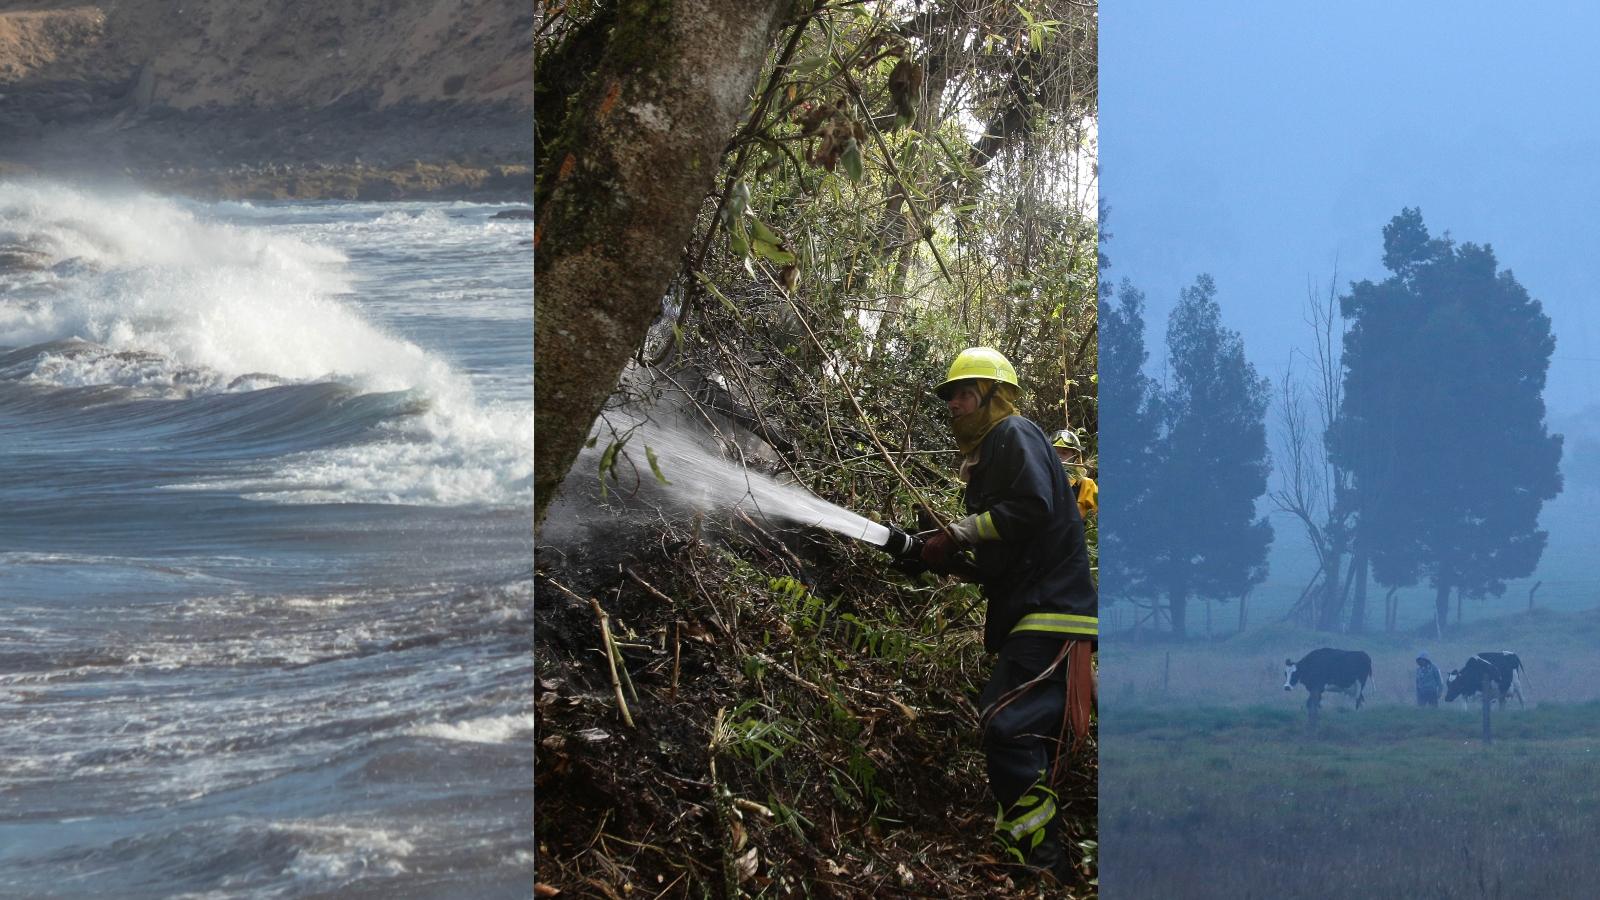 historias//alertas-en-colombia-por-heladas-incendios-y-alto-oleaje